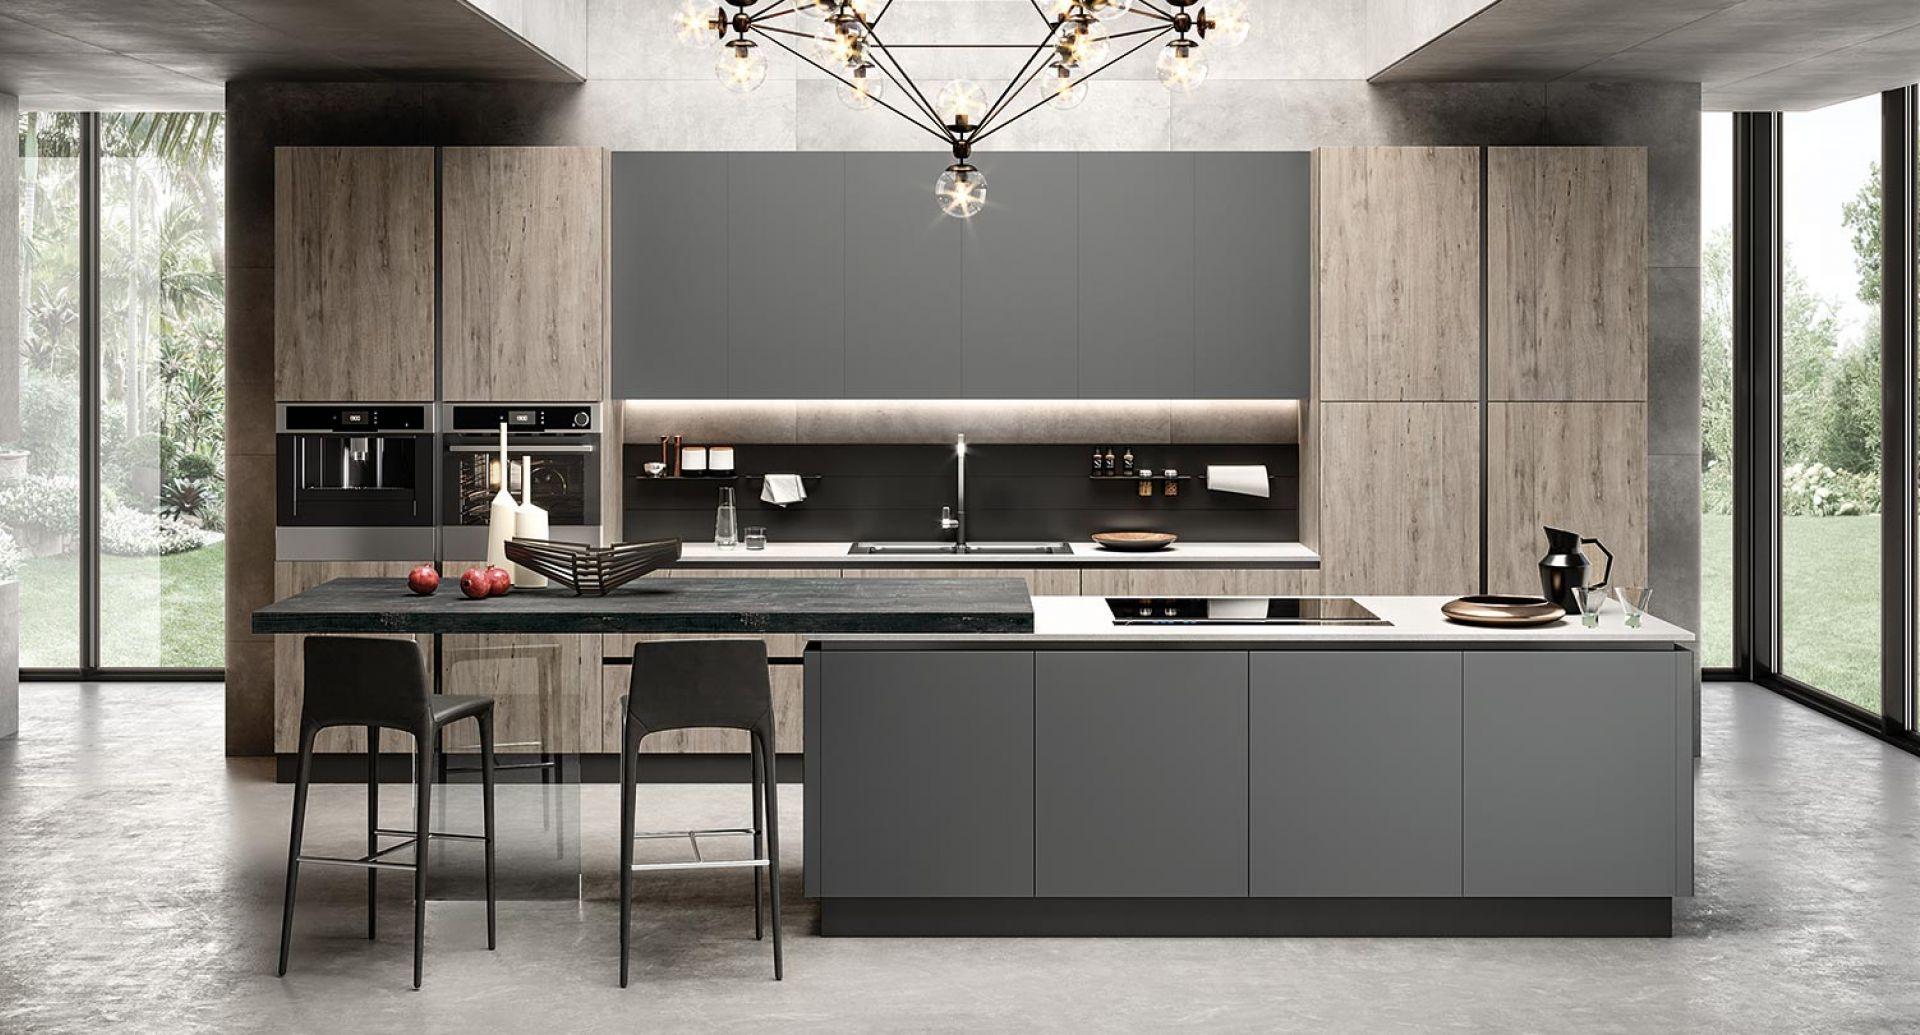 evo-cucina-eos-aleve-acero-glass-grigio-opaco